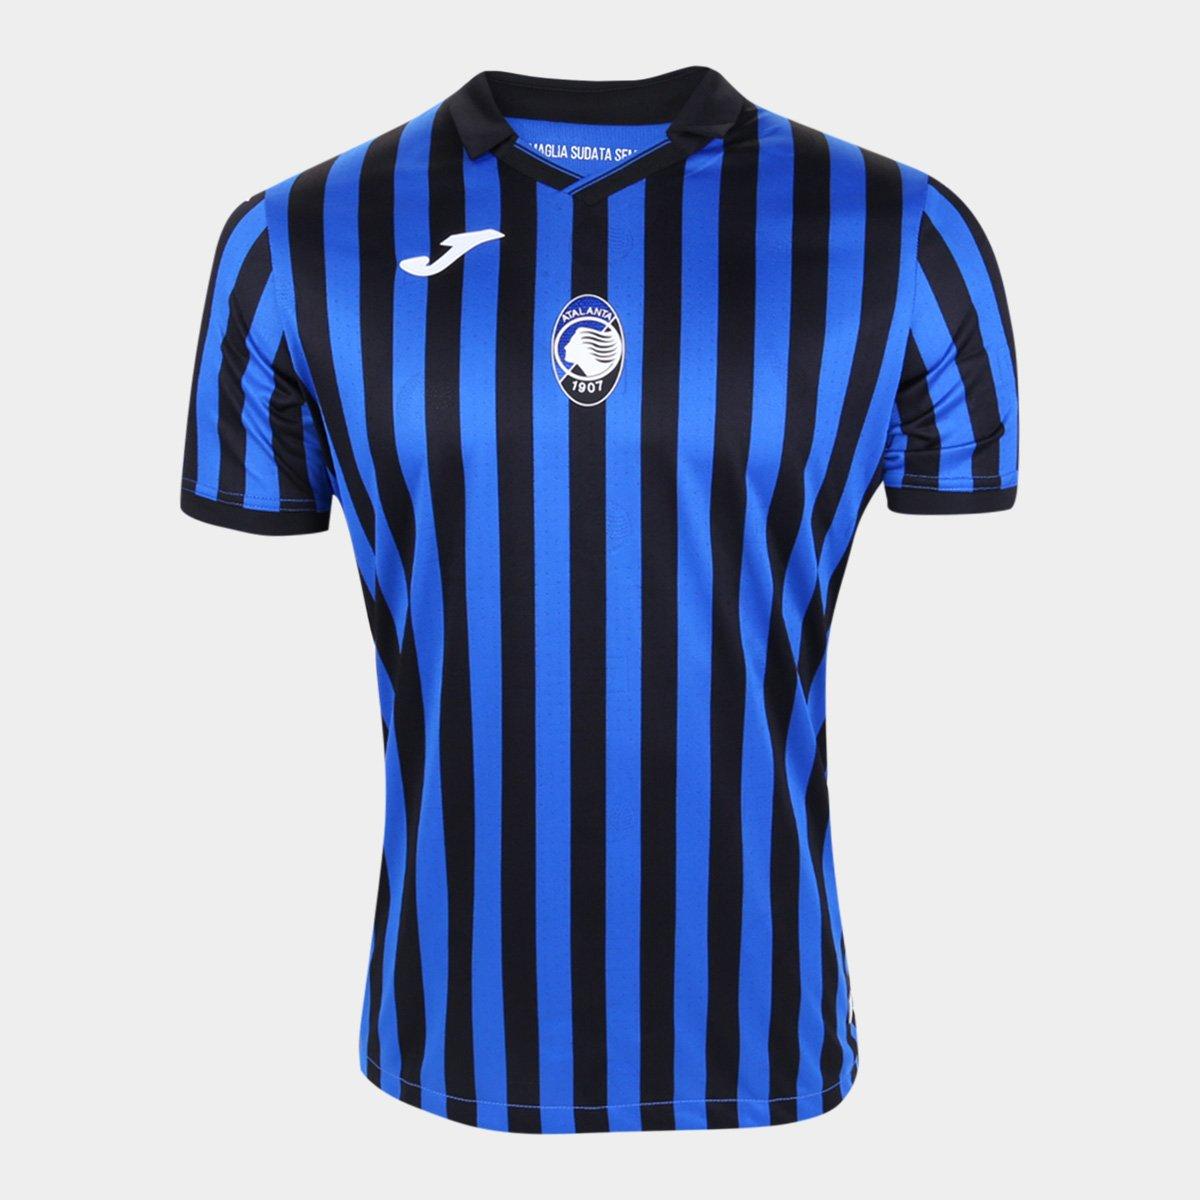 Camisa Atalanta Home 20/21 s/n° Torcedor Joma Masculina